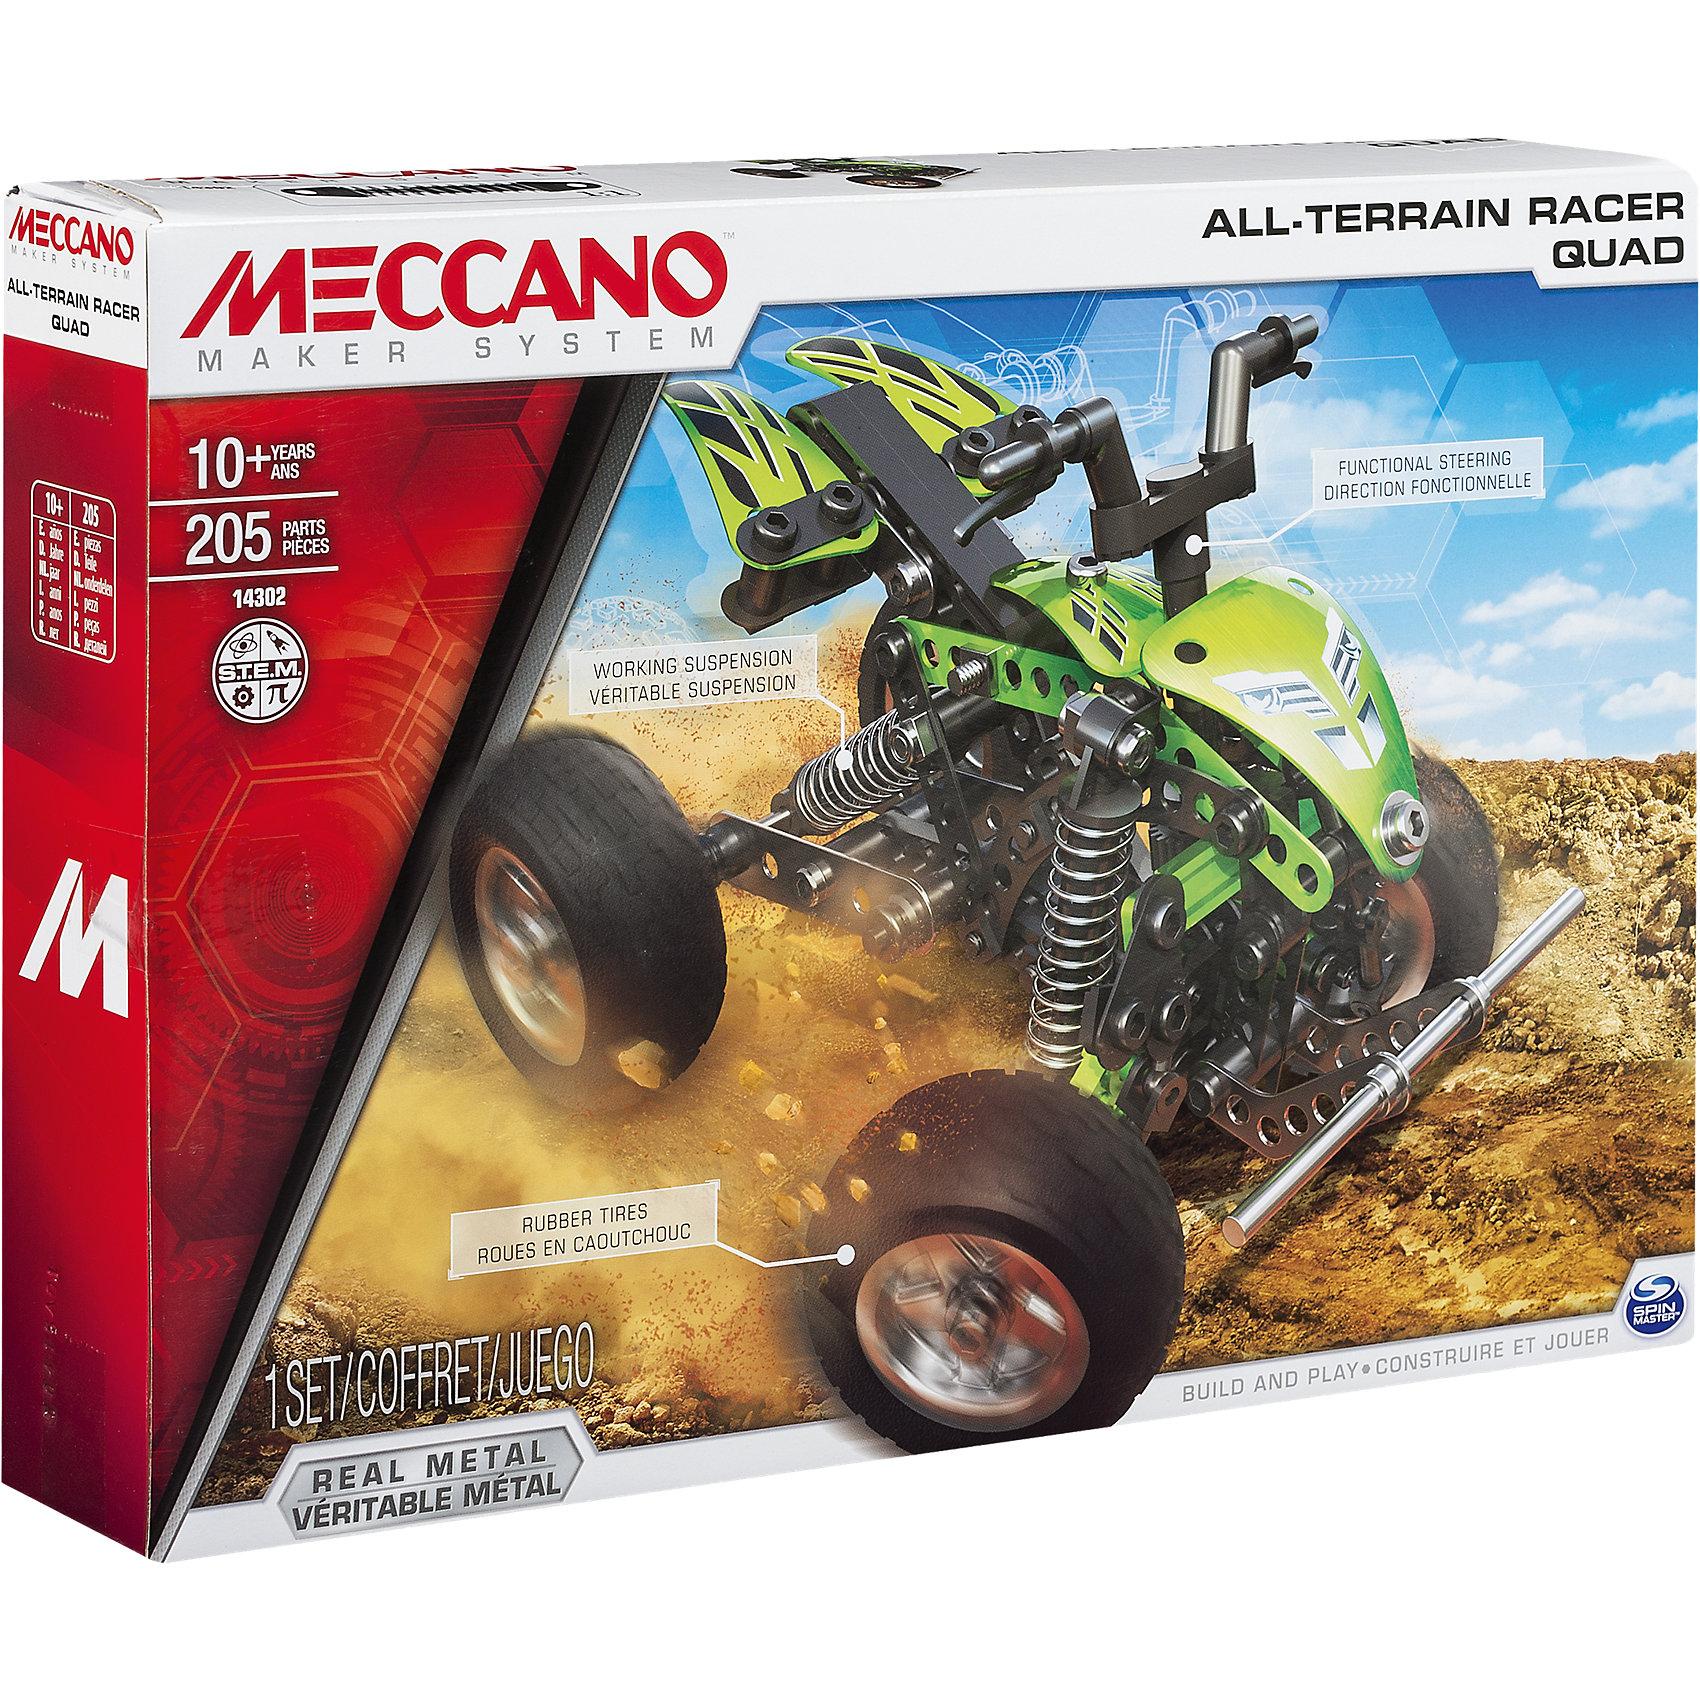 Квадроцикл (2 модели), MeccanoИз набора конструктора Квадроцикл (2 модели), Meccano (Меккано) можно собрать одну из двух моделей колесной техники –  квадроцикл или трехколесный мотоцикл для города. Модели оснащены подвеской, рулевым управлением и амортизаторами.<br><br>Характеристики:<br>-Части детально проработаны<br>-Детали отлиты из высококачественного сплава, отсутствуют заусенцы и острые грани<br>-Развивает: навыки инженерного мышления, мелкую моторику, комбинаторные навыки, логику, усидчивость<br>-Подвижные детали: резиновые колеса вращаются, рулевое управление, а пружины подвески действуют как рессоры<br><br>Комплектация: 205 деталей конструктора, наклейки, инструменты, инструкция<br><br>Дополнительная информация:<br>-Количество деталей: 205<br>-Вес в упаковке: 2,9 кг<br>-Размеры в упаковке: 25x35x6 см<br>-Материалы: металл, пластик, резина, бумага<br>-Размер основной модели: 17х14 см<br><br>Яркий металлический набор Квадроцикл (2 модели) – отличный подарок для школьника, который любит проектирование, строительство и различные механизмы!<br><br>Квадроцикл (2 модели), Meccano (Меккано) можно купить в нашем магазине.<br><br>Ширина мм: 355<br>Глубина мм: 251<br>Высота мм: 65<br>Вес г: 628<br>Возраст от месяцев: 120<br>Возраст до месяцев: 180<br>Пол: Мужской<br>Возраст: Детский<br>SKU: 4158560